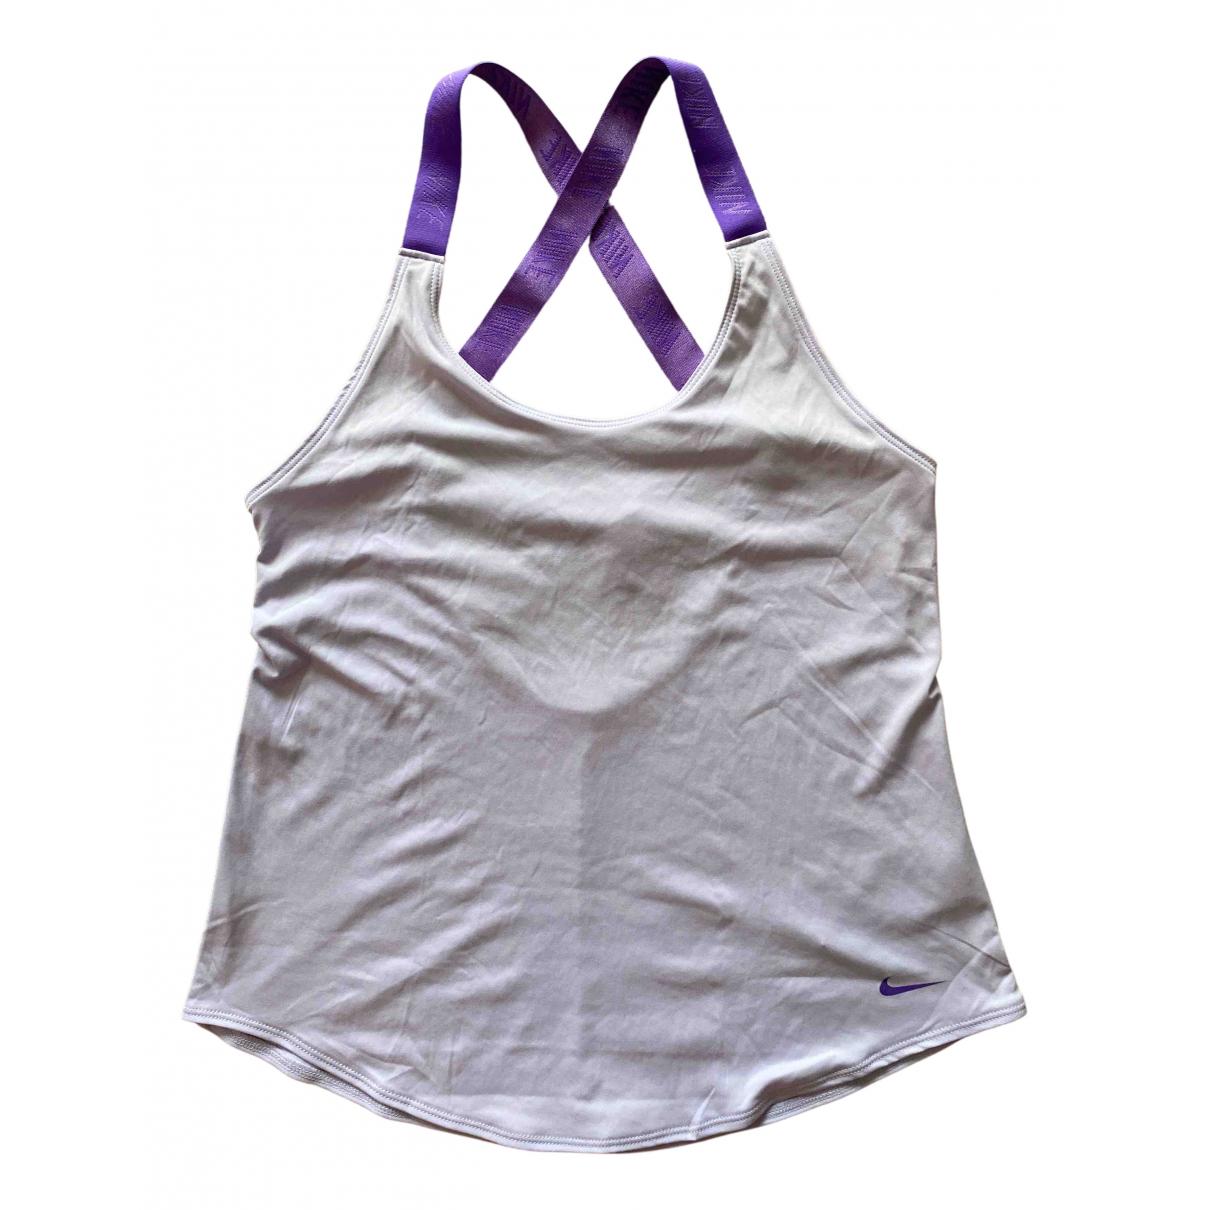 Nike - Top   pour femme - violet